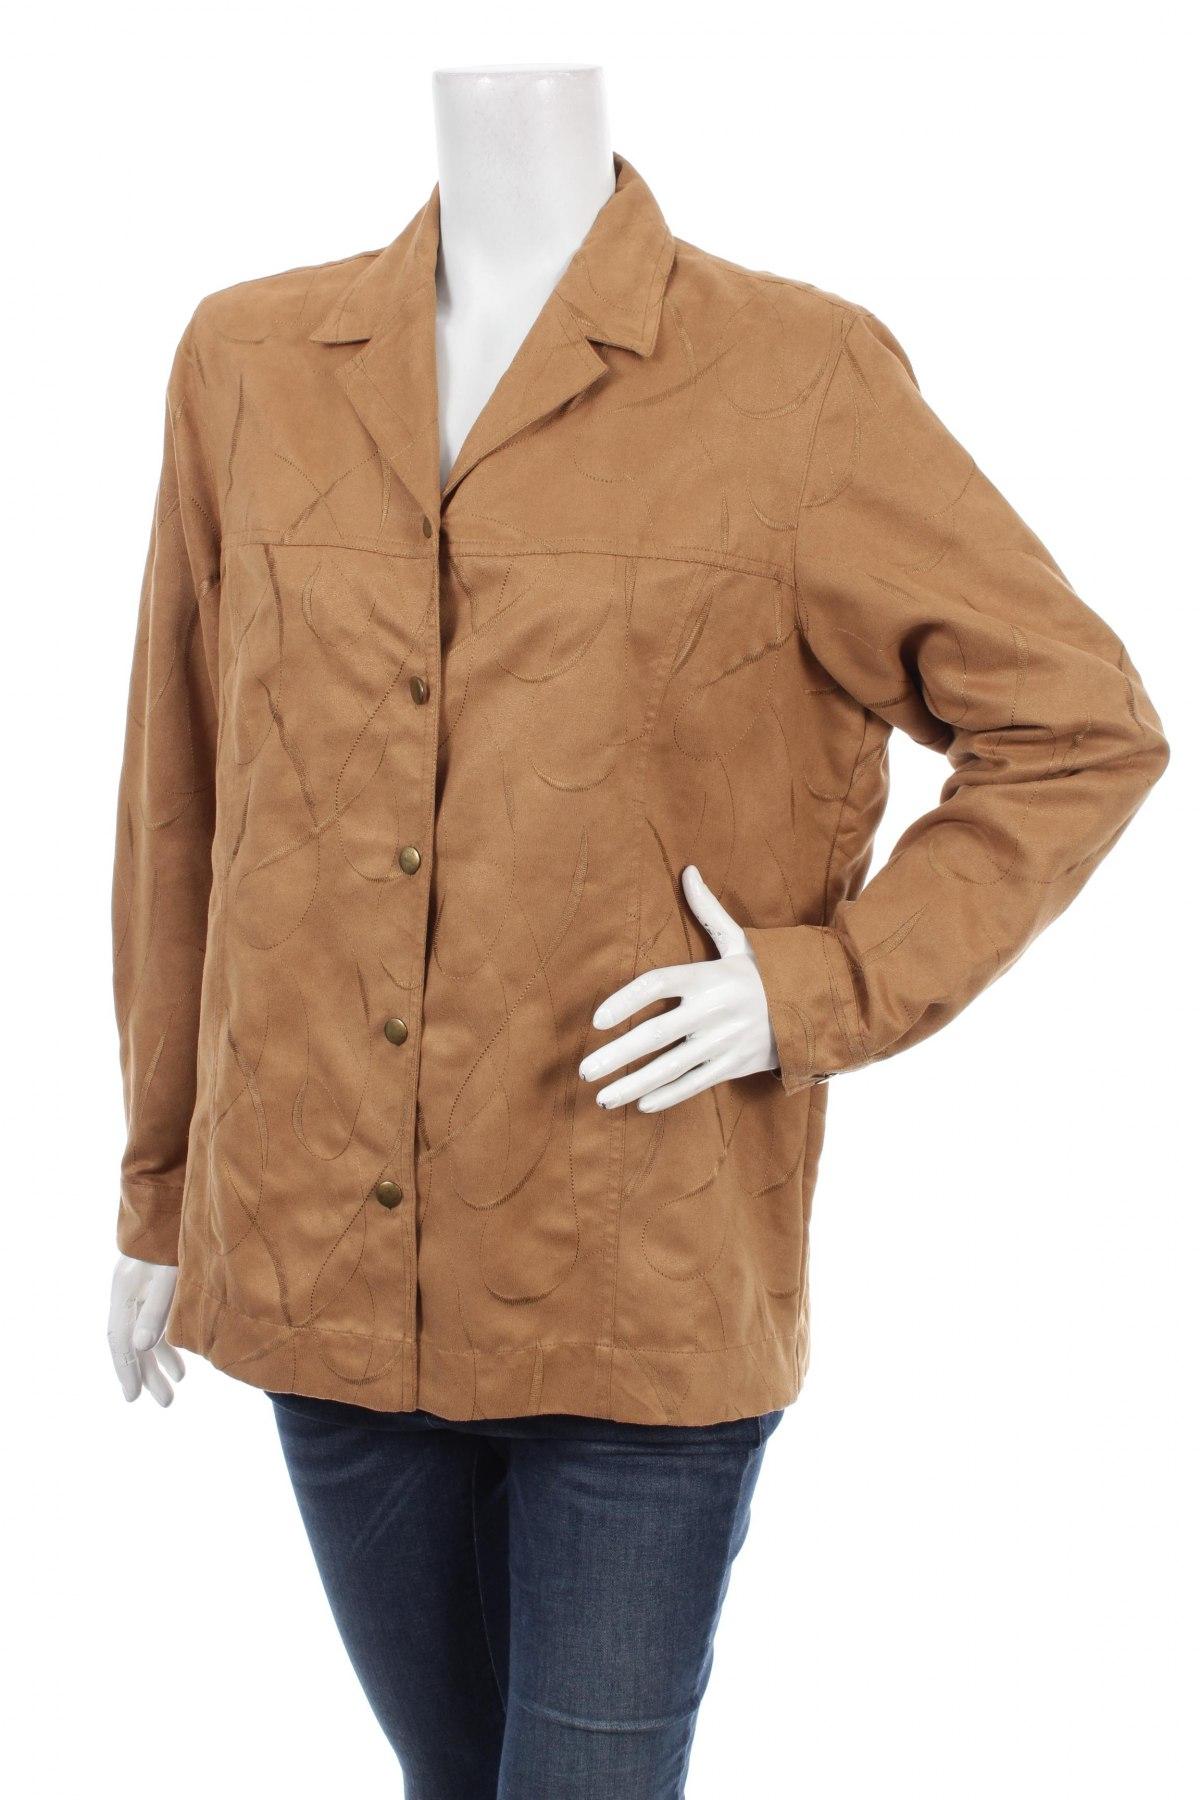 Γυναικείο πουκάμισο Bonita, Μέγεθος L, Χρώμα  Μπέζ, 100% πολυεστέρας, Τιμή 21,13€